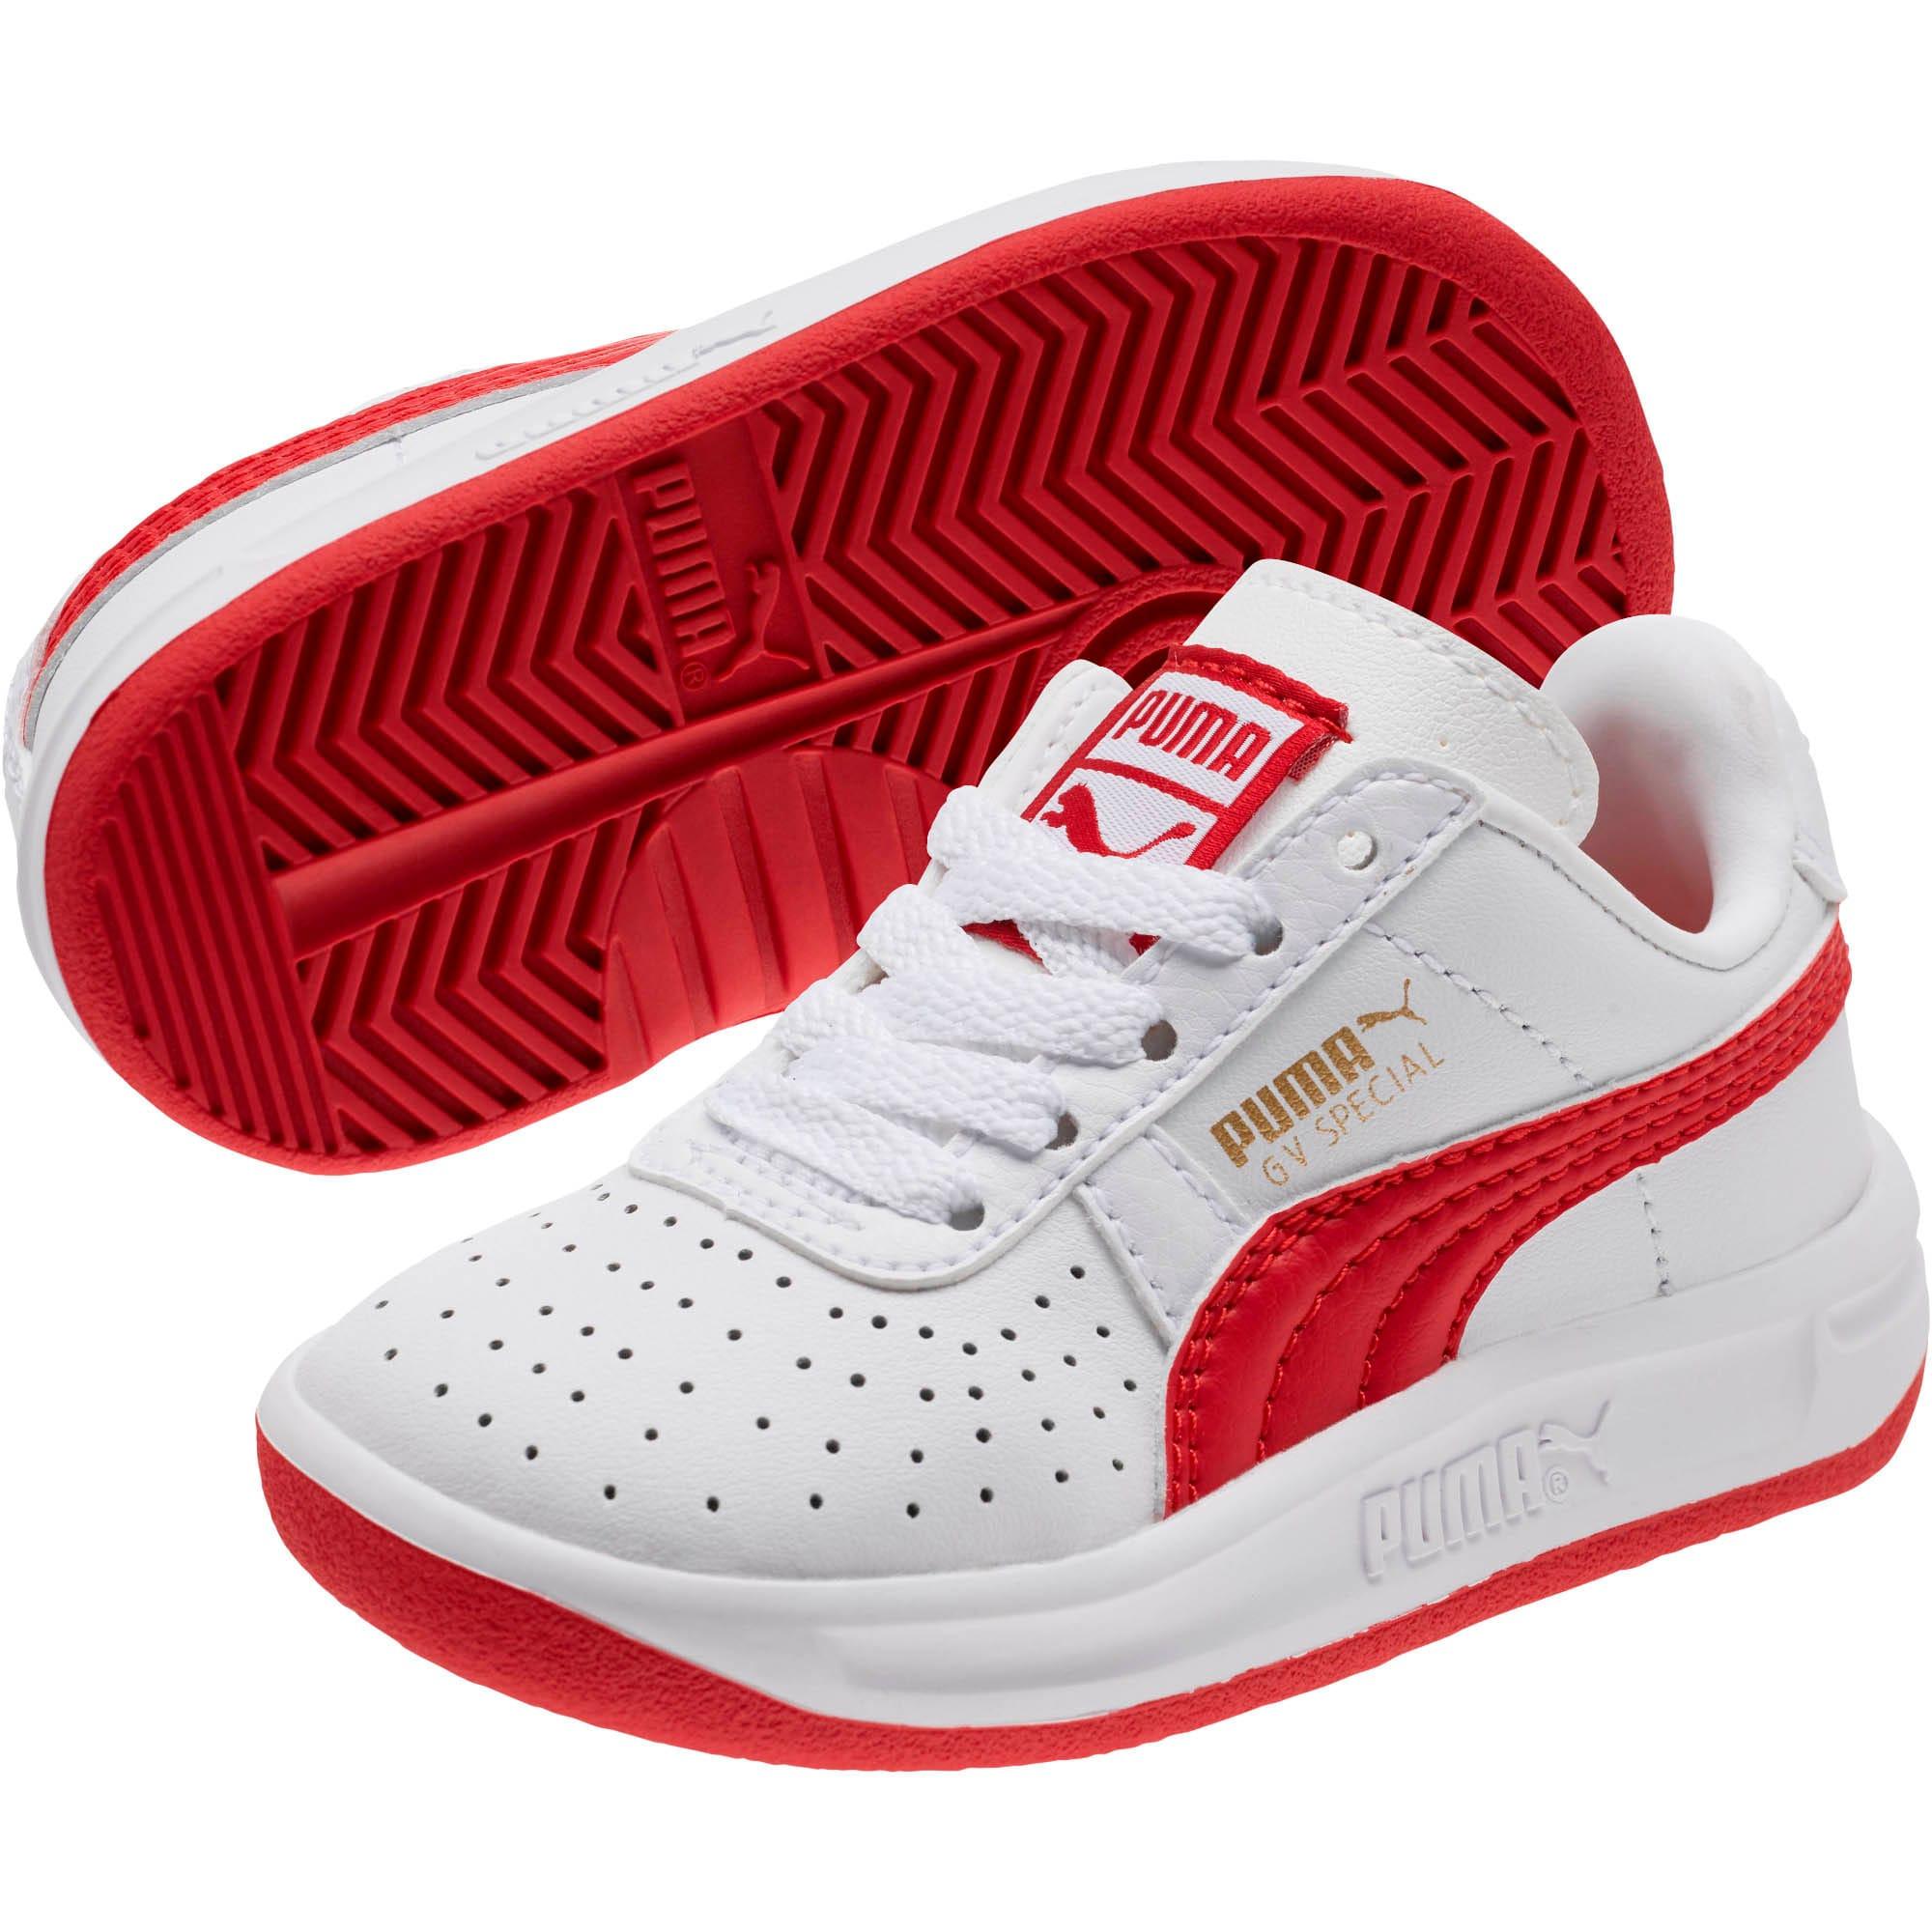 Miniatura 2 de Zapatos GV Special para bebés, Puma White-Ribbon Red, mediano